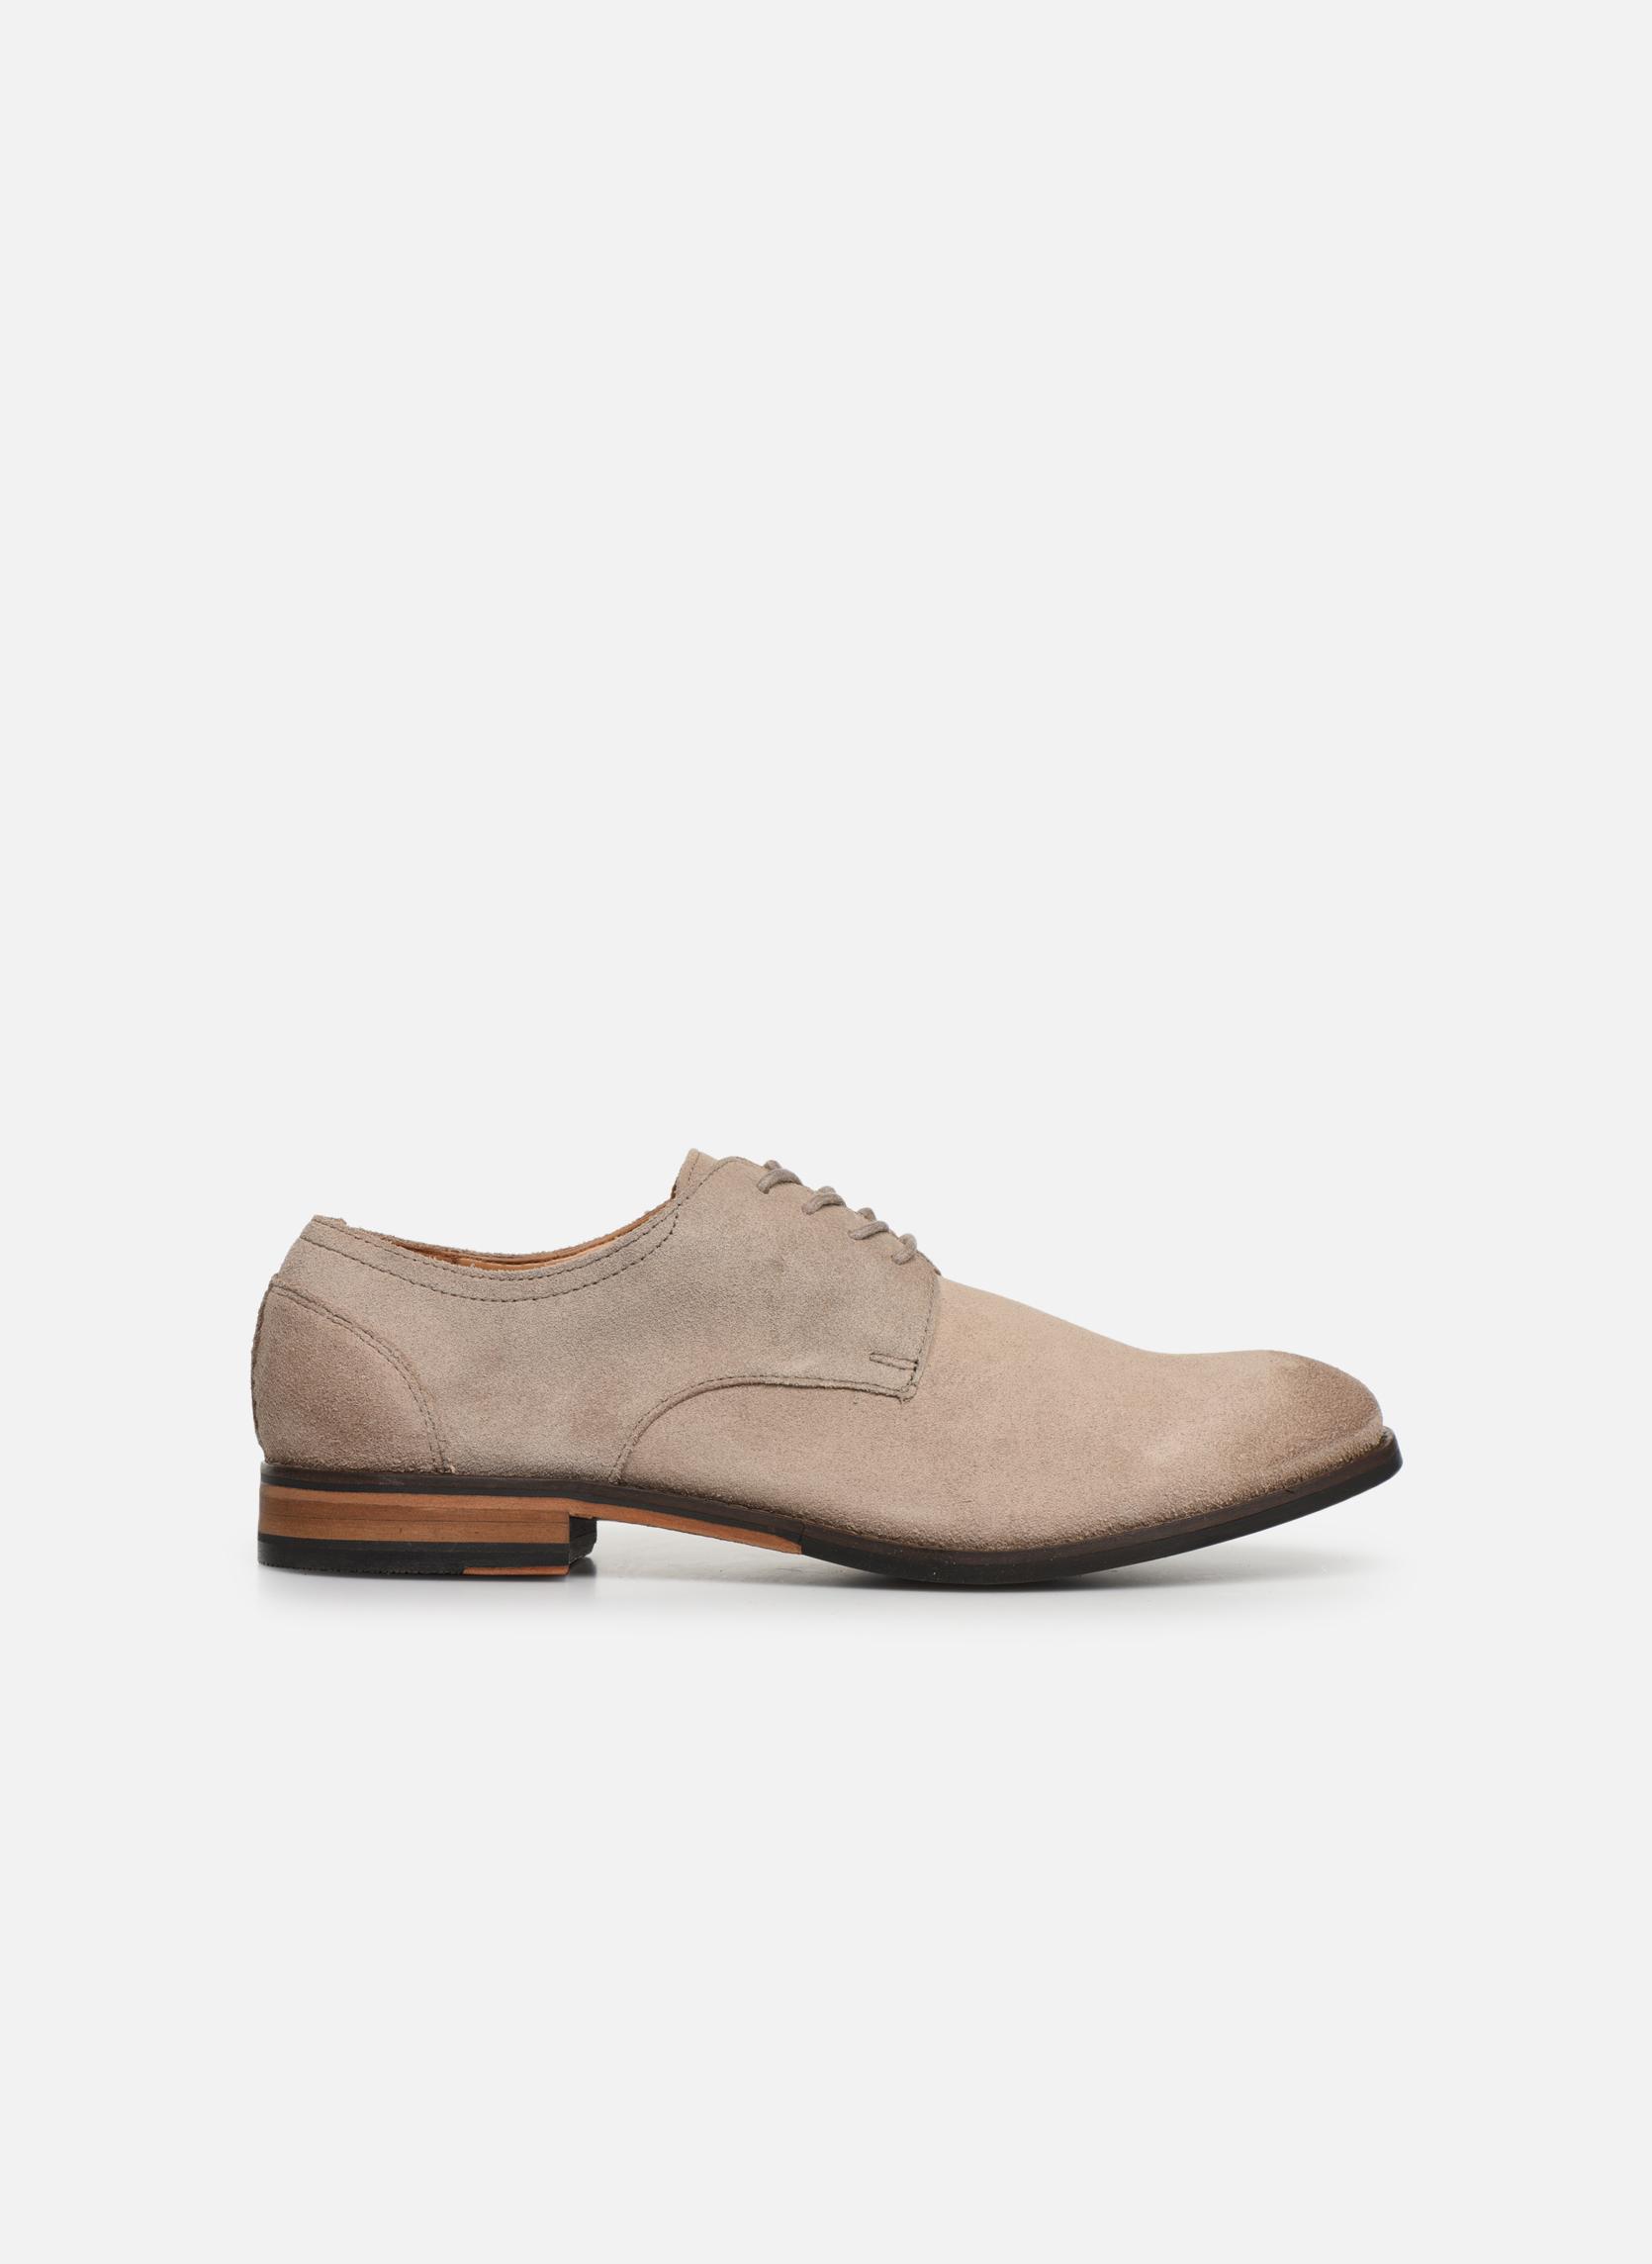 Detalles de Hombre Clarks Flow Plain Zapatos Con Cordones Beige